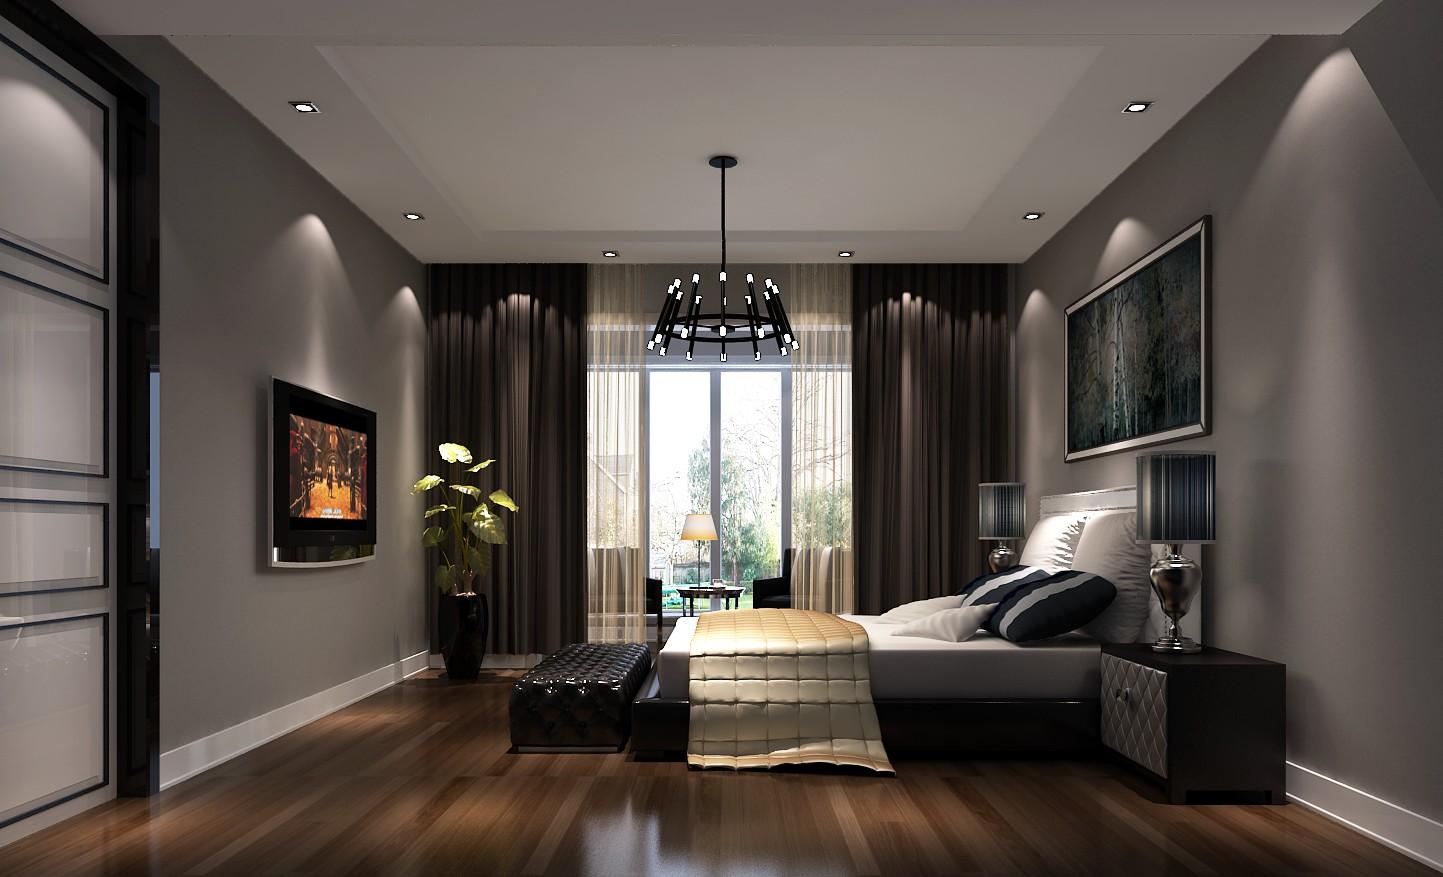 卧室图片来自也儿在大运河孔雀城190的分享